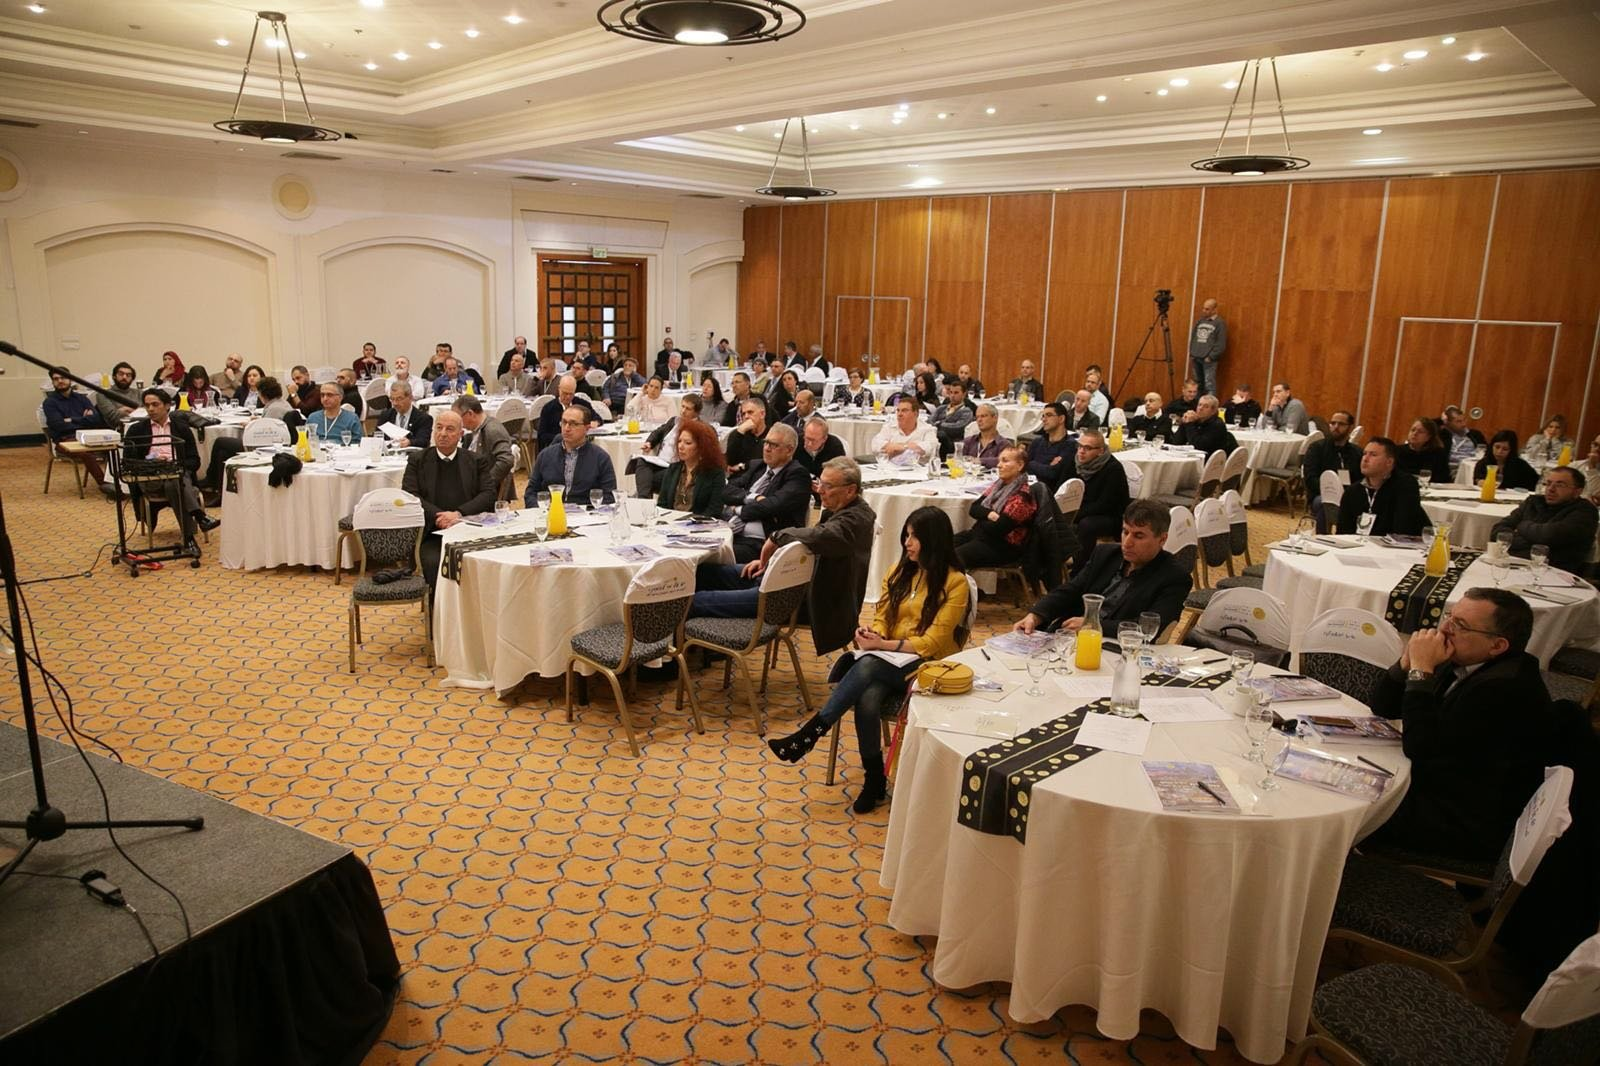 أسامة حسن لبكرا: نتائج إيجابية للمؤتمر الخامس لمدققي الحسابات في الناصرة